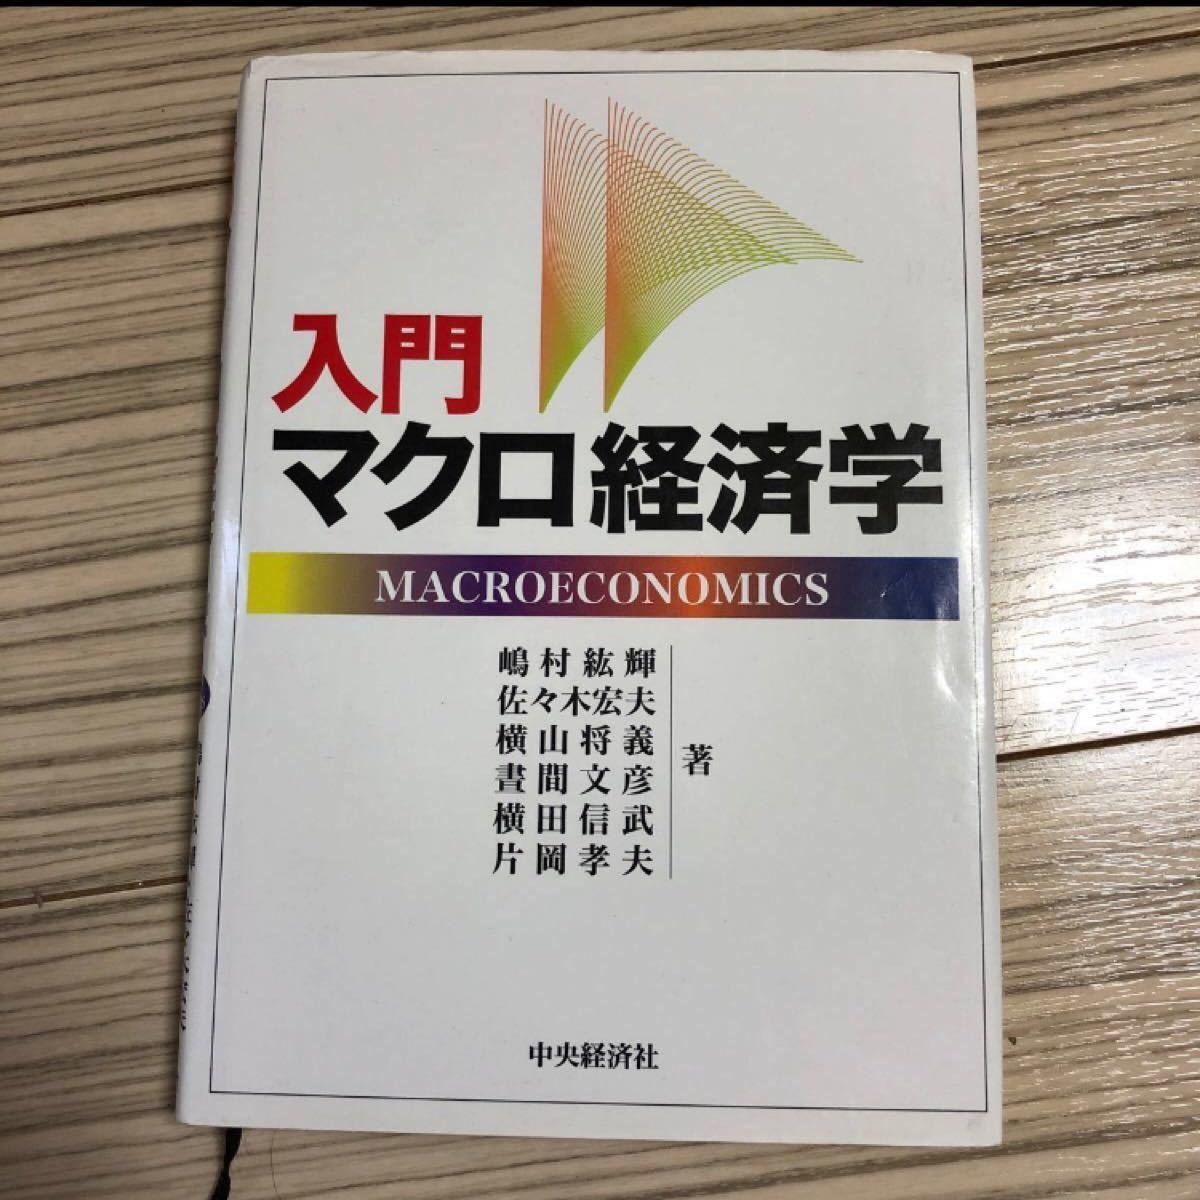 入門マクロ経済学